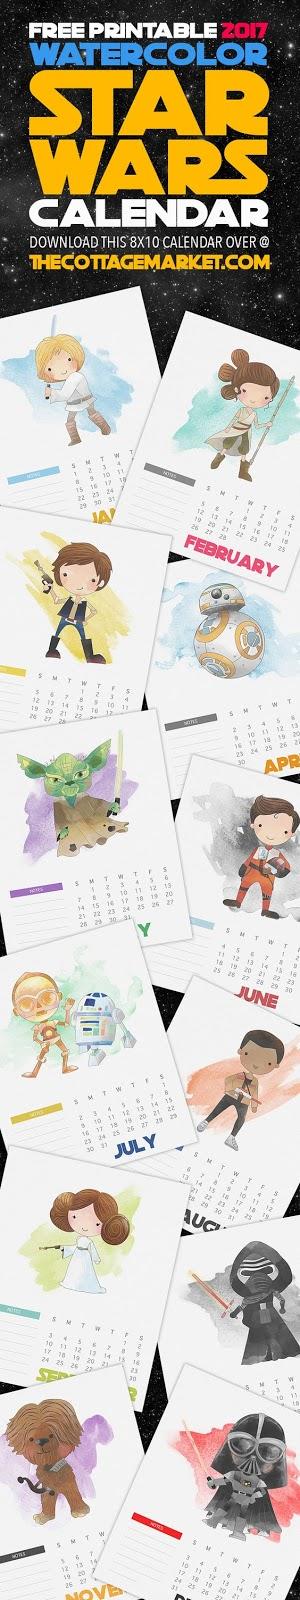 O Tapete Vermelho da Imagem: Images' Red Carpet: Calendário 2017 de Star Wars gratuito para imprimi...